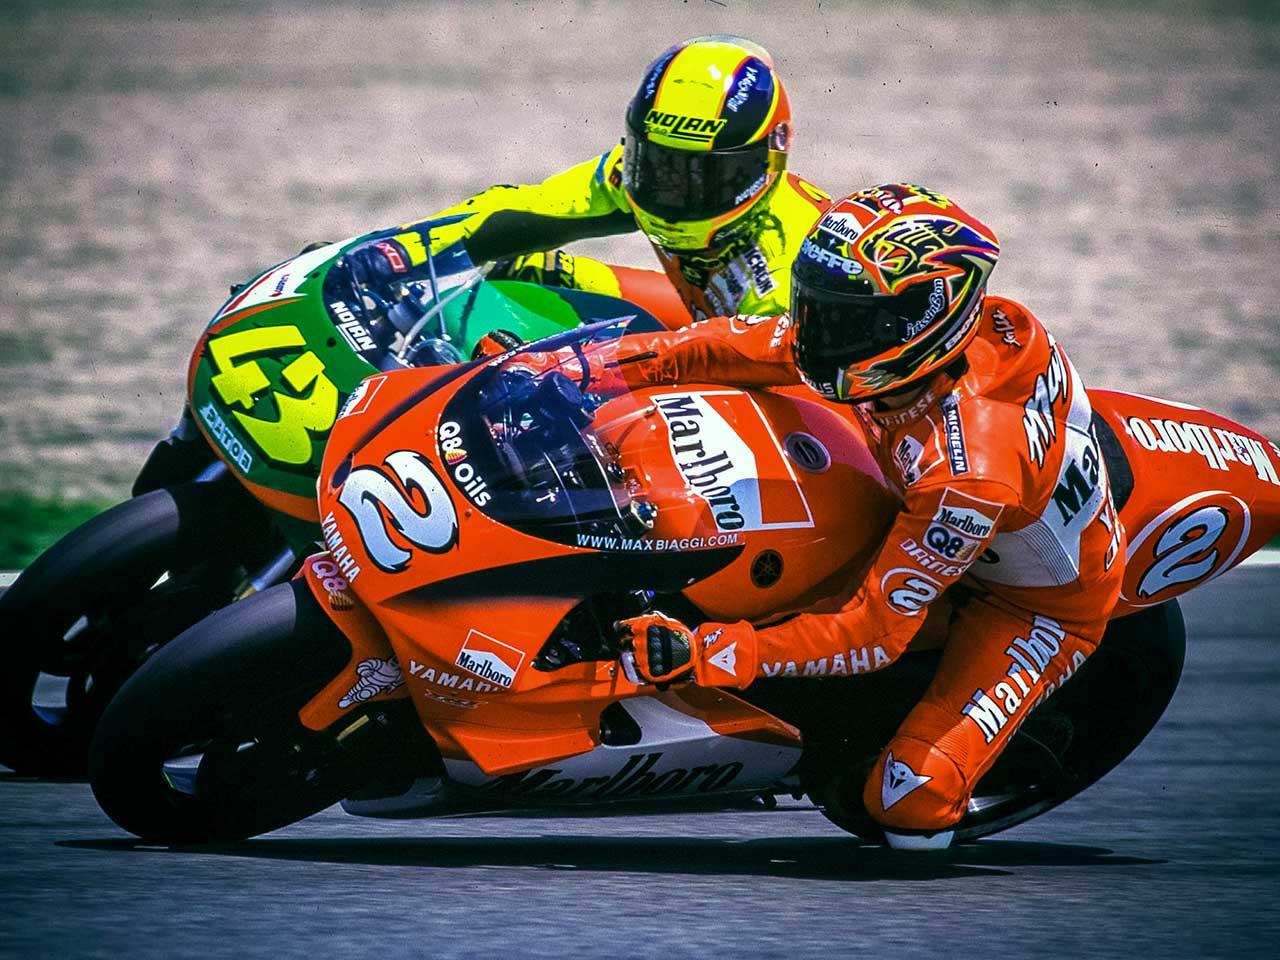 Paton_Storia-Anni2000_Paolo-Tessari-e-Max-Biaggi_Campionato-Mondiale-500cc_2000